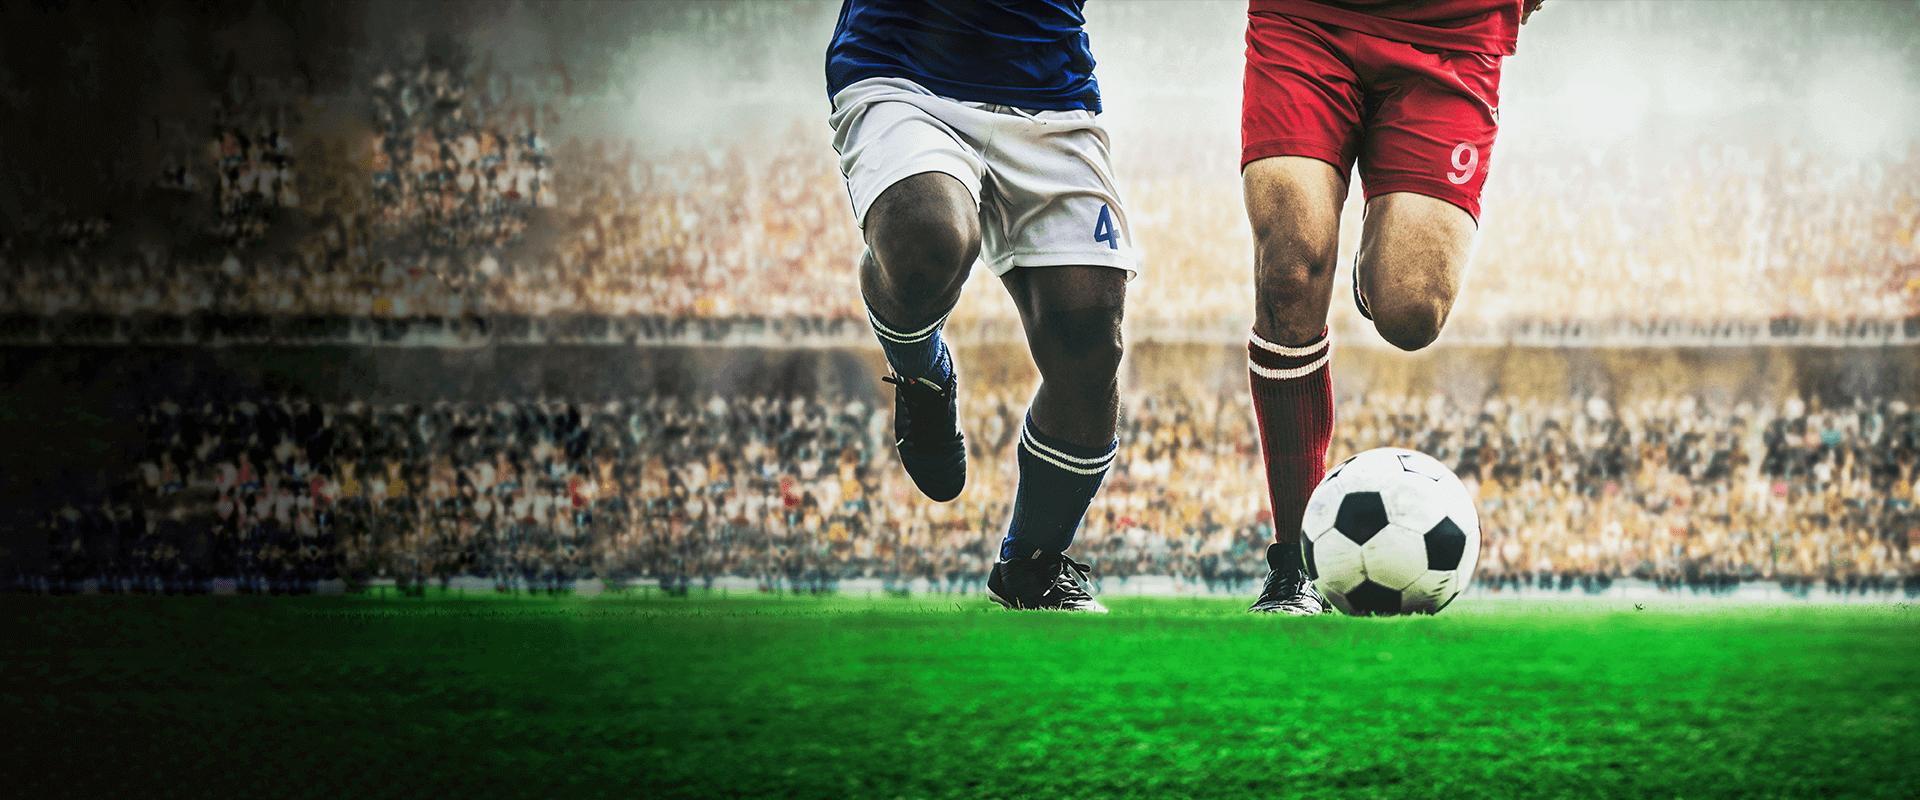 Sportwetten Tipps Vorhersagen, Wettvorhersagen & Wett Tipps von Profis